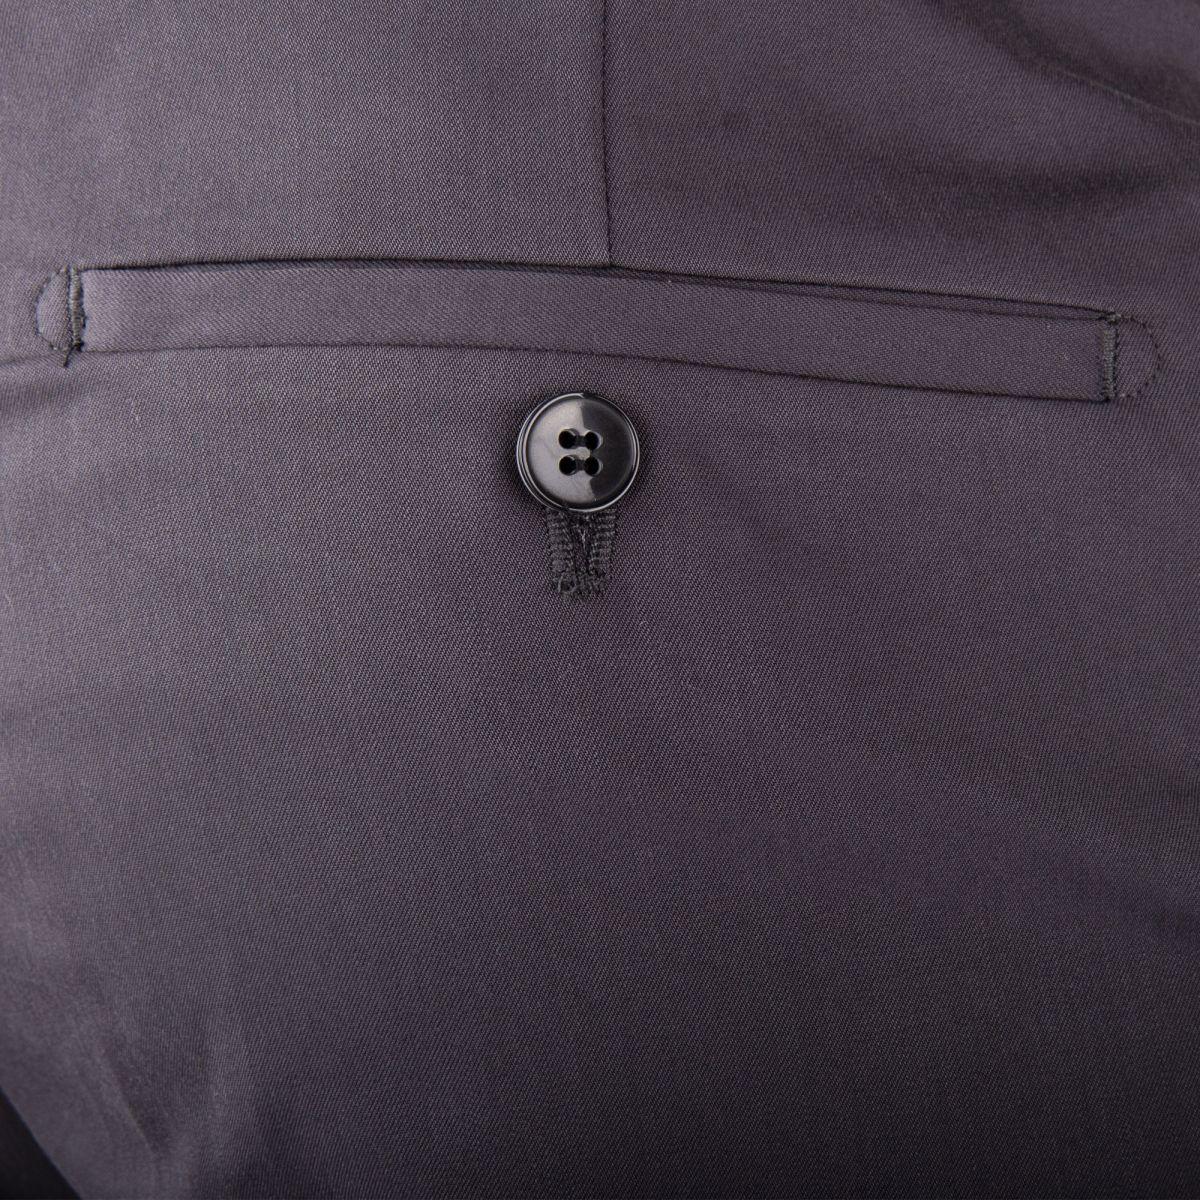 ... Pantalon de costume gris anthracite homme MARION ROTH marque pas cher  prix dégriffés destockage ... 853416046d0